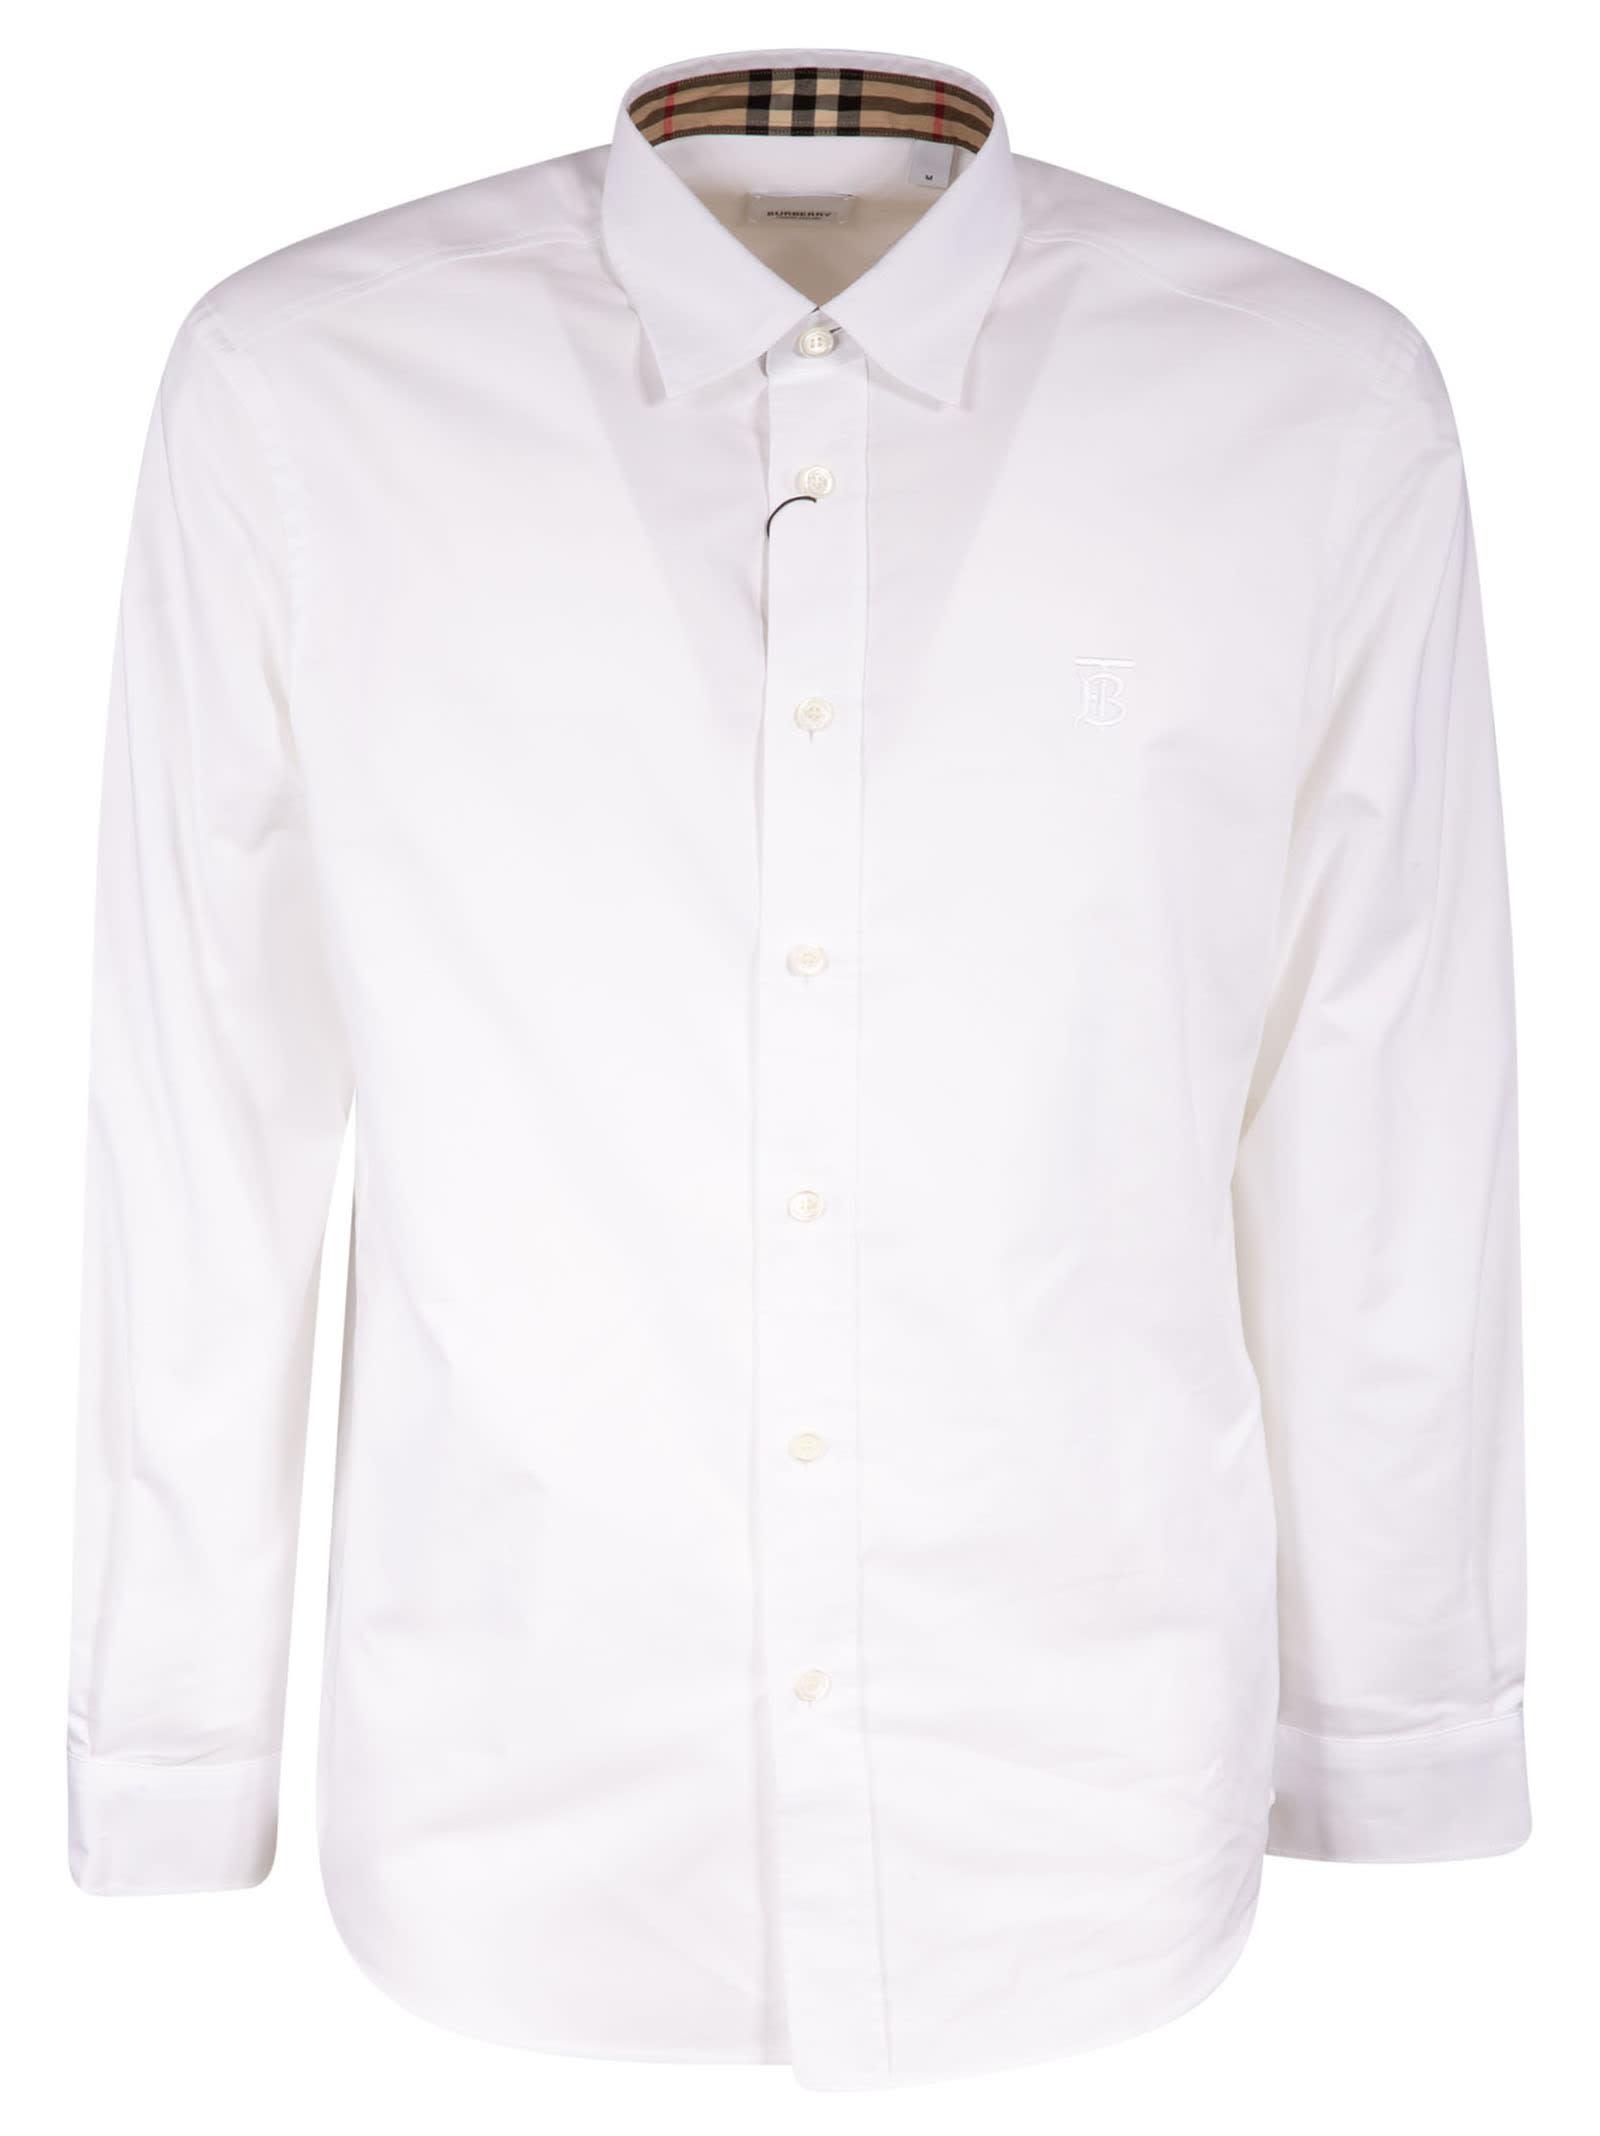 Burberry Celeste Shirt